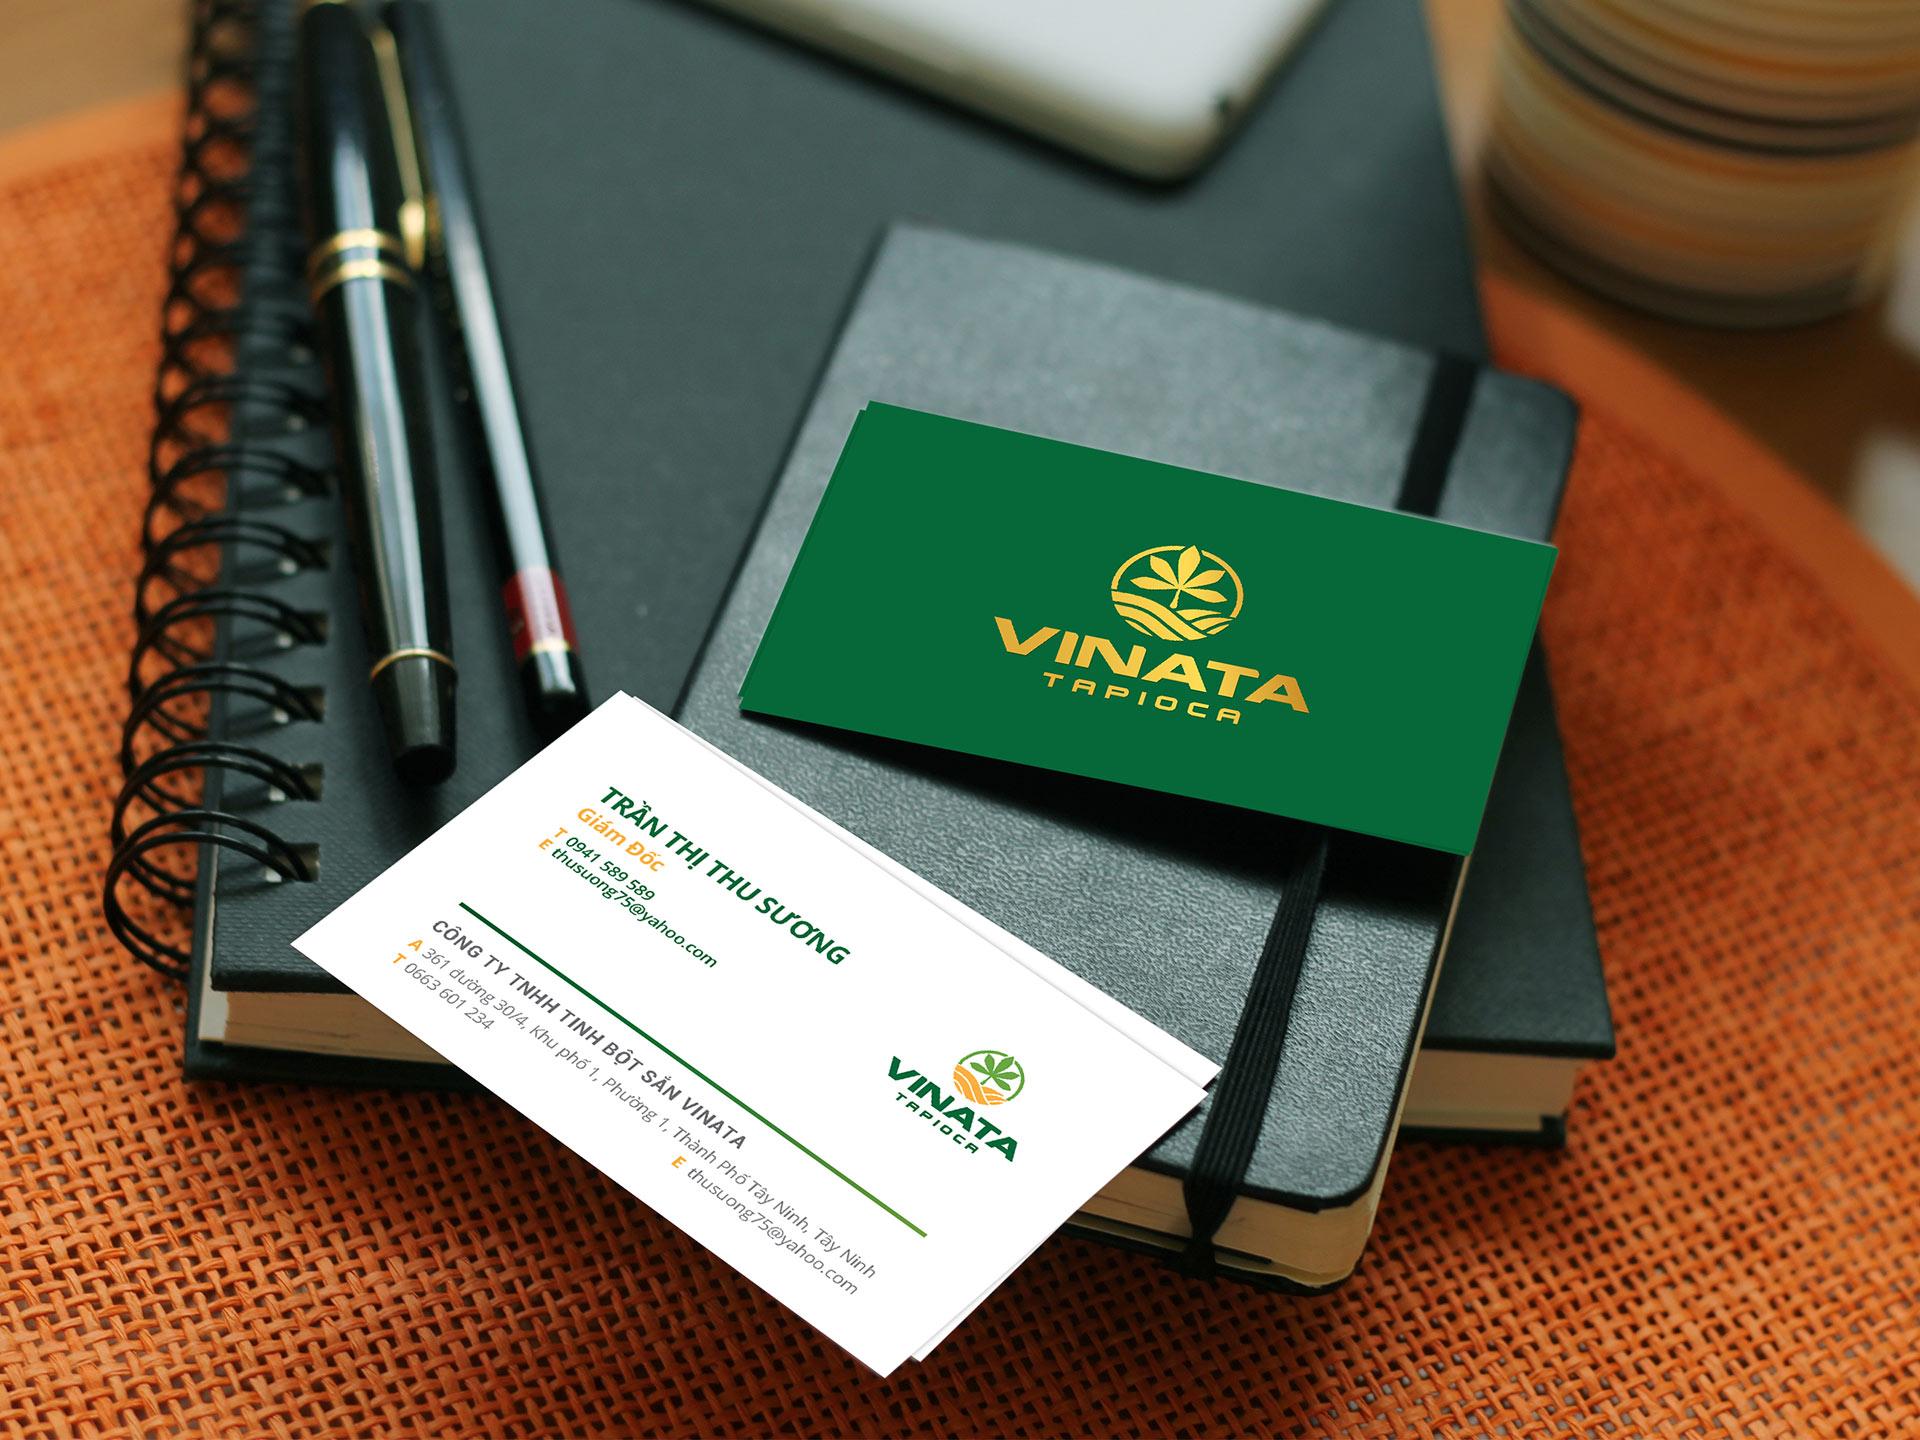 Thiết kế logo và bộ nhận diện thương hiệu Công ty TNHH Tinh bột sắn Vinata tại TP HCM